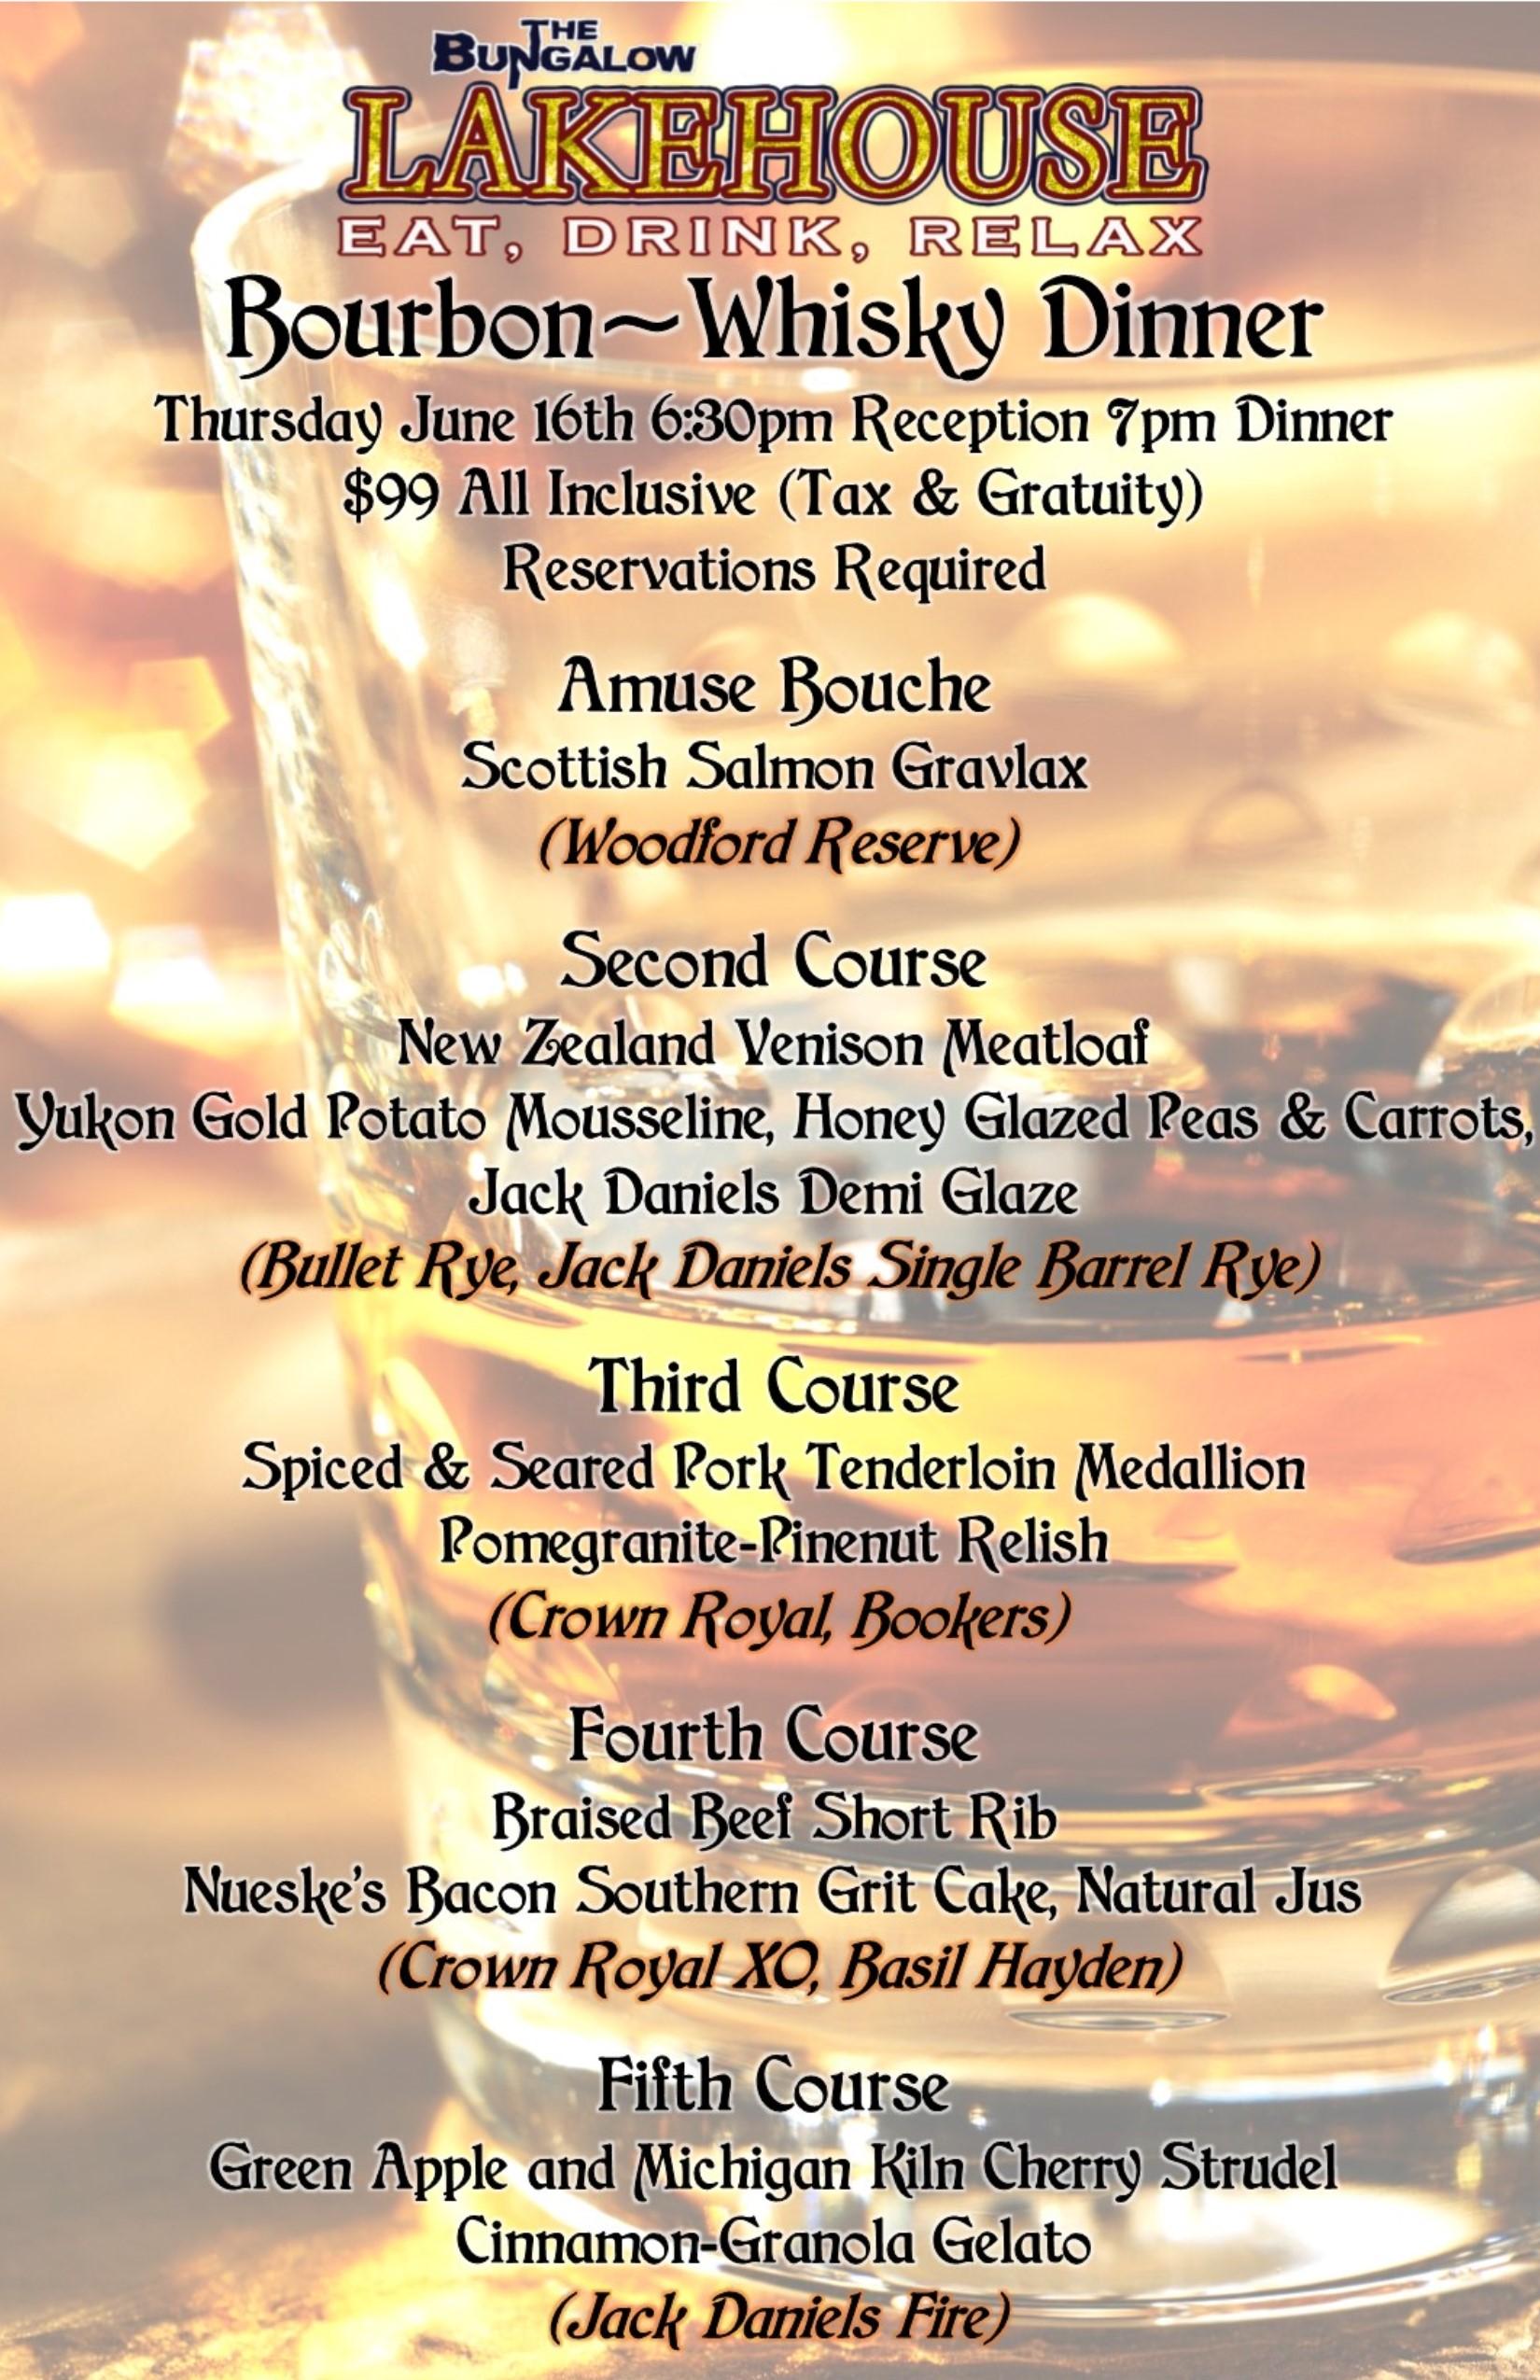 whisky dinner Lakehouse 2016